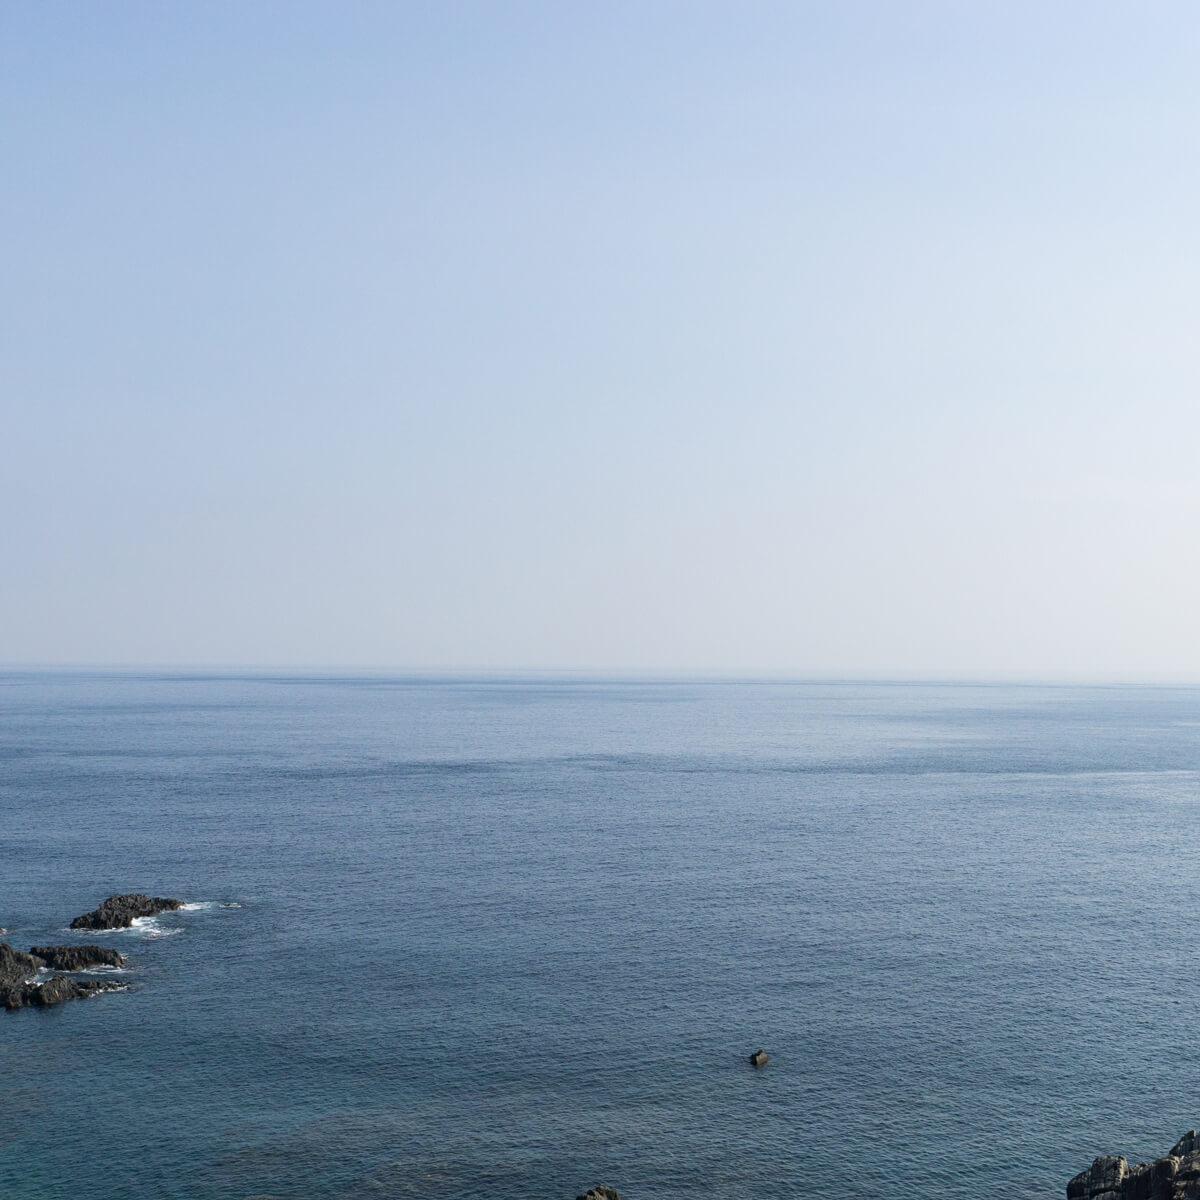 屋久島の海、空 屋久島日々の暮らしとジュエリー オーダーメイド結婚指輪のモチーフ